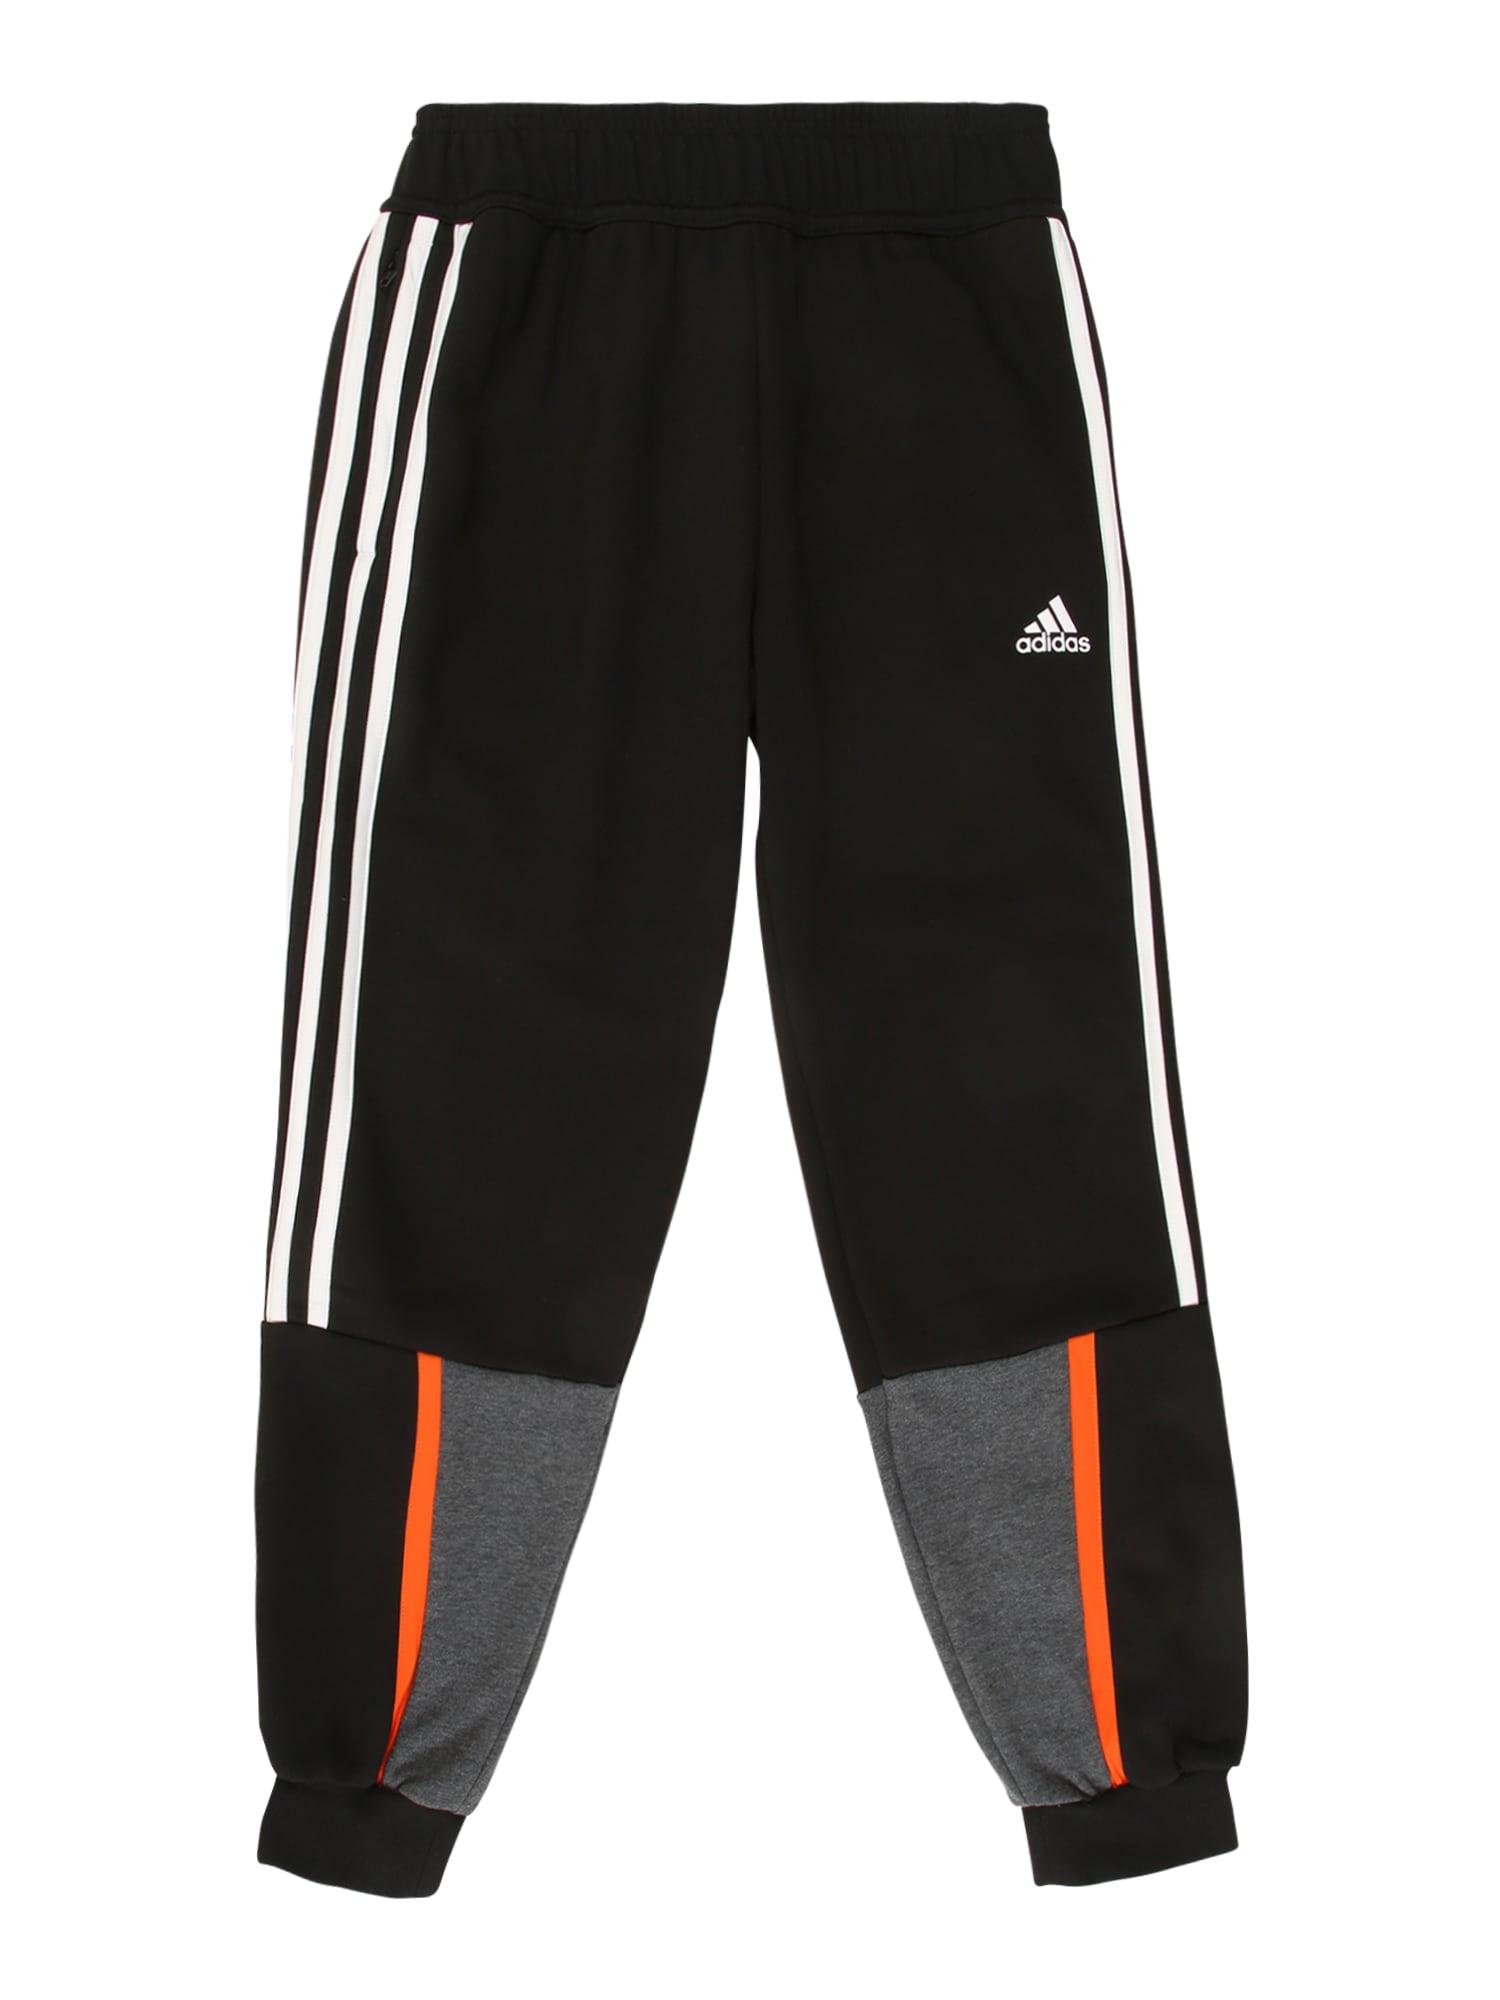 ADIDAS PERFORMANCE Sportinės kelnės 'BOLD' juoda / balta / tamsiai pilka / oranžinė